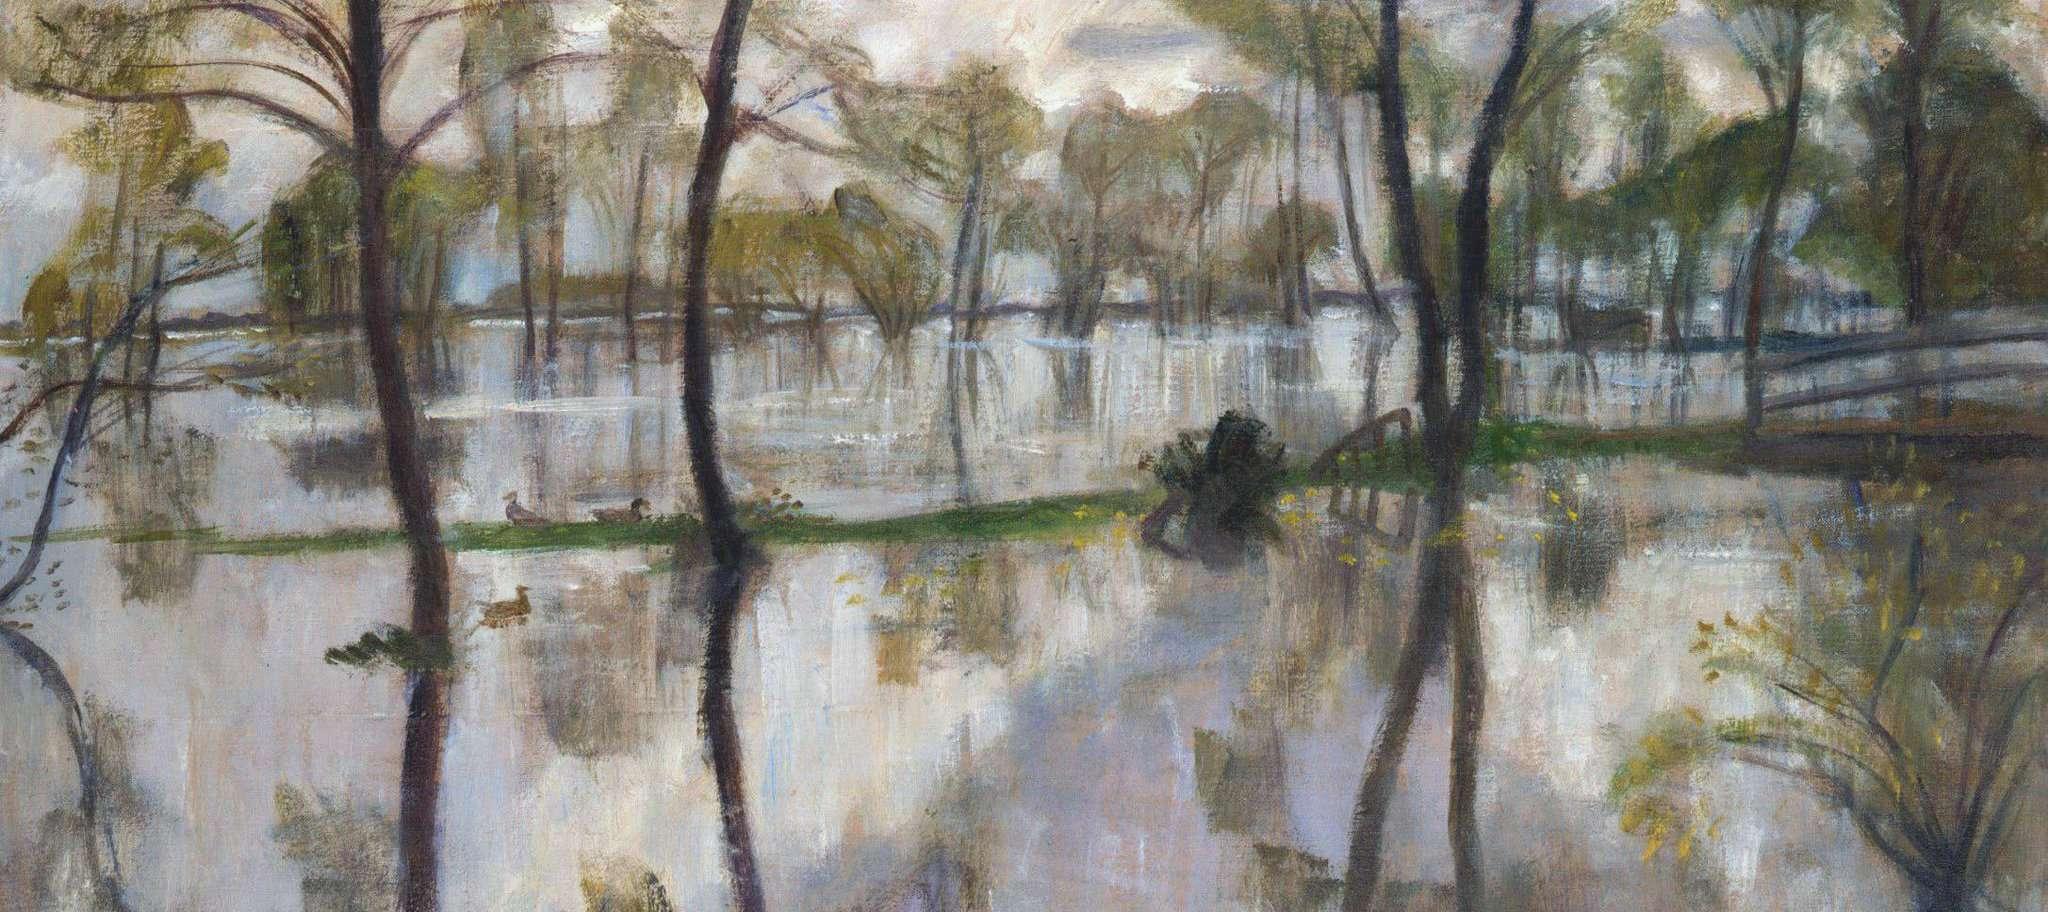 Dieses Überschwemmungsszenario malte Otto Modersohn um 1932. Das Bild befindet sich heute in Privatbesitz, ist aber Teil der neuen Ausstellung.